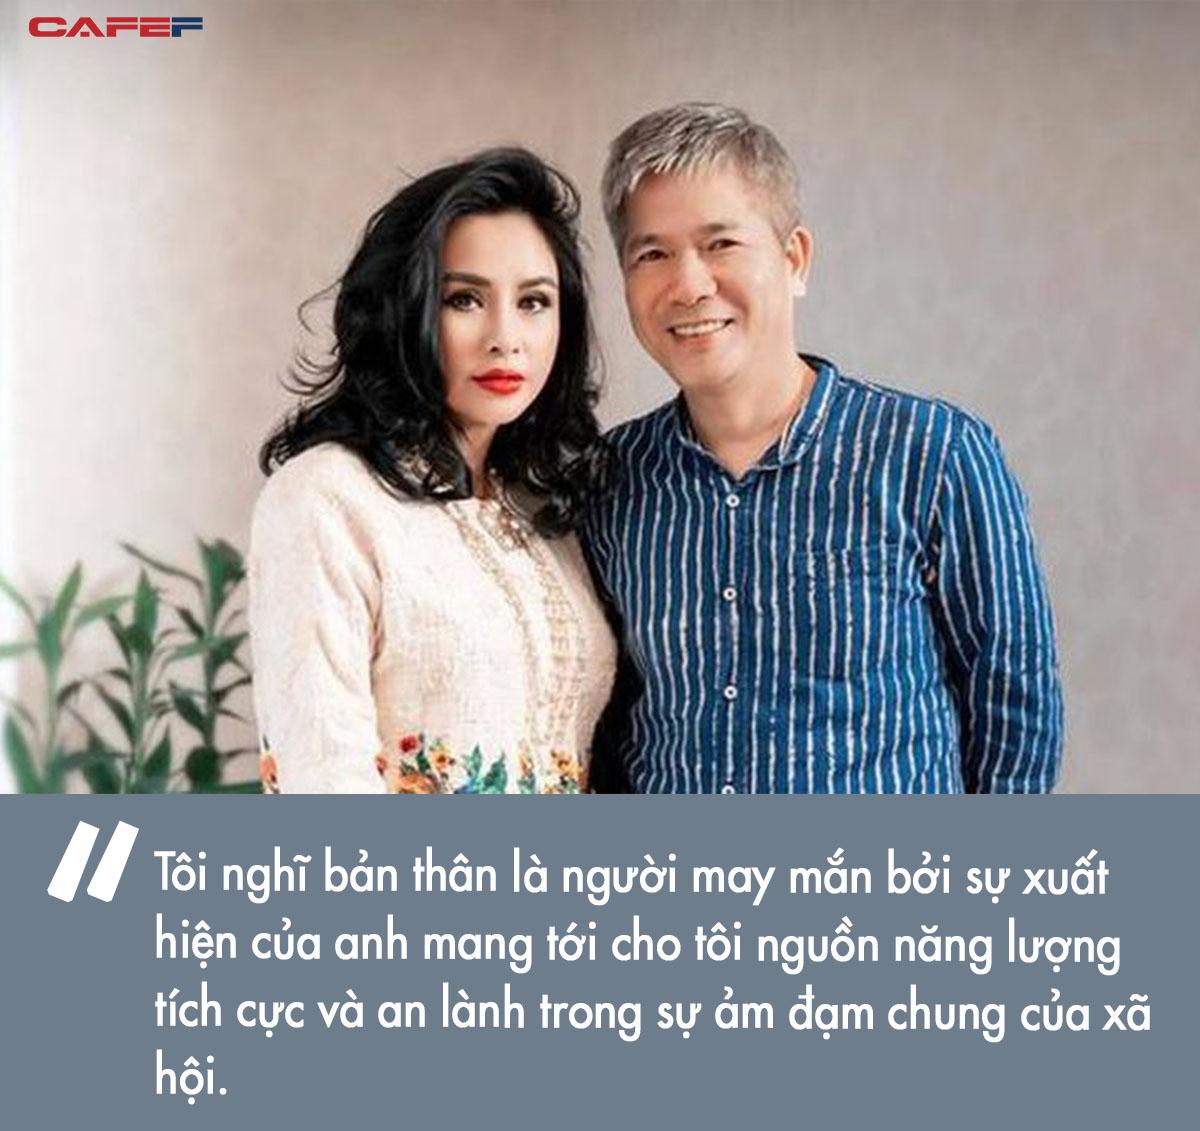 Diva Thanh Lam: Phật pháp giúp tôi bớt sân si, nóng giận và biết như nào là đủ - Ảnh 1.